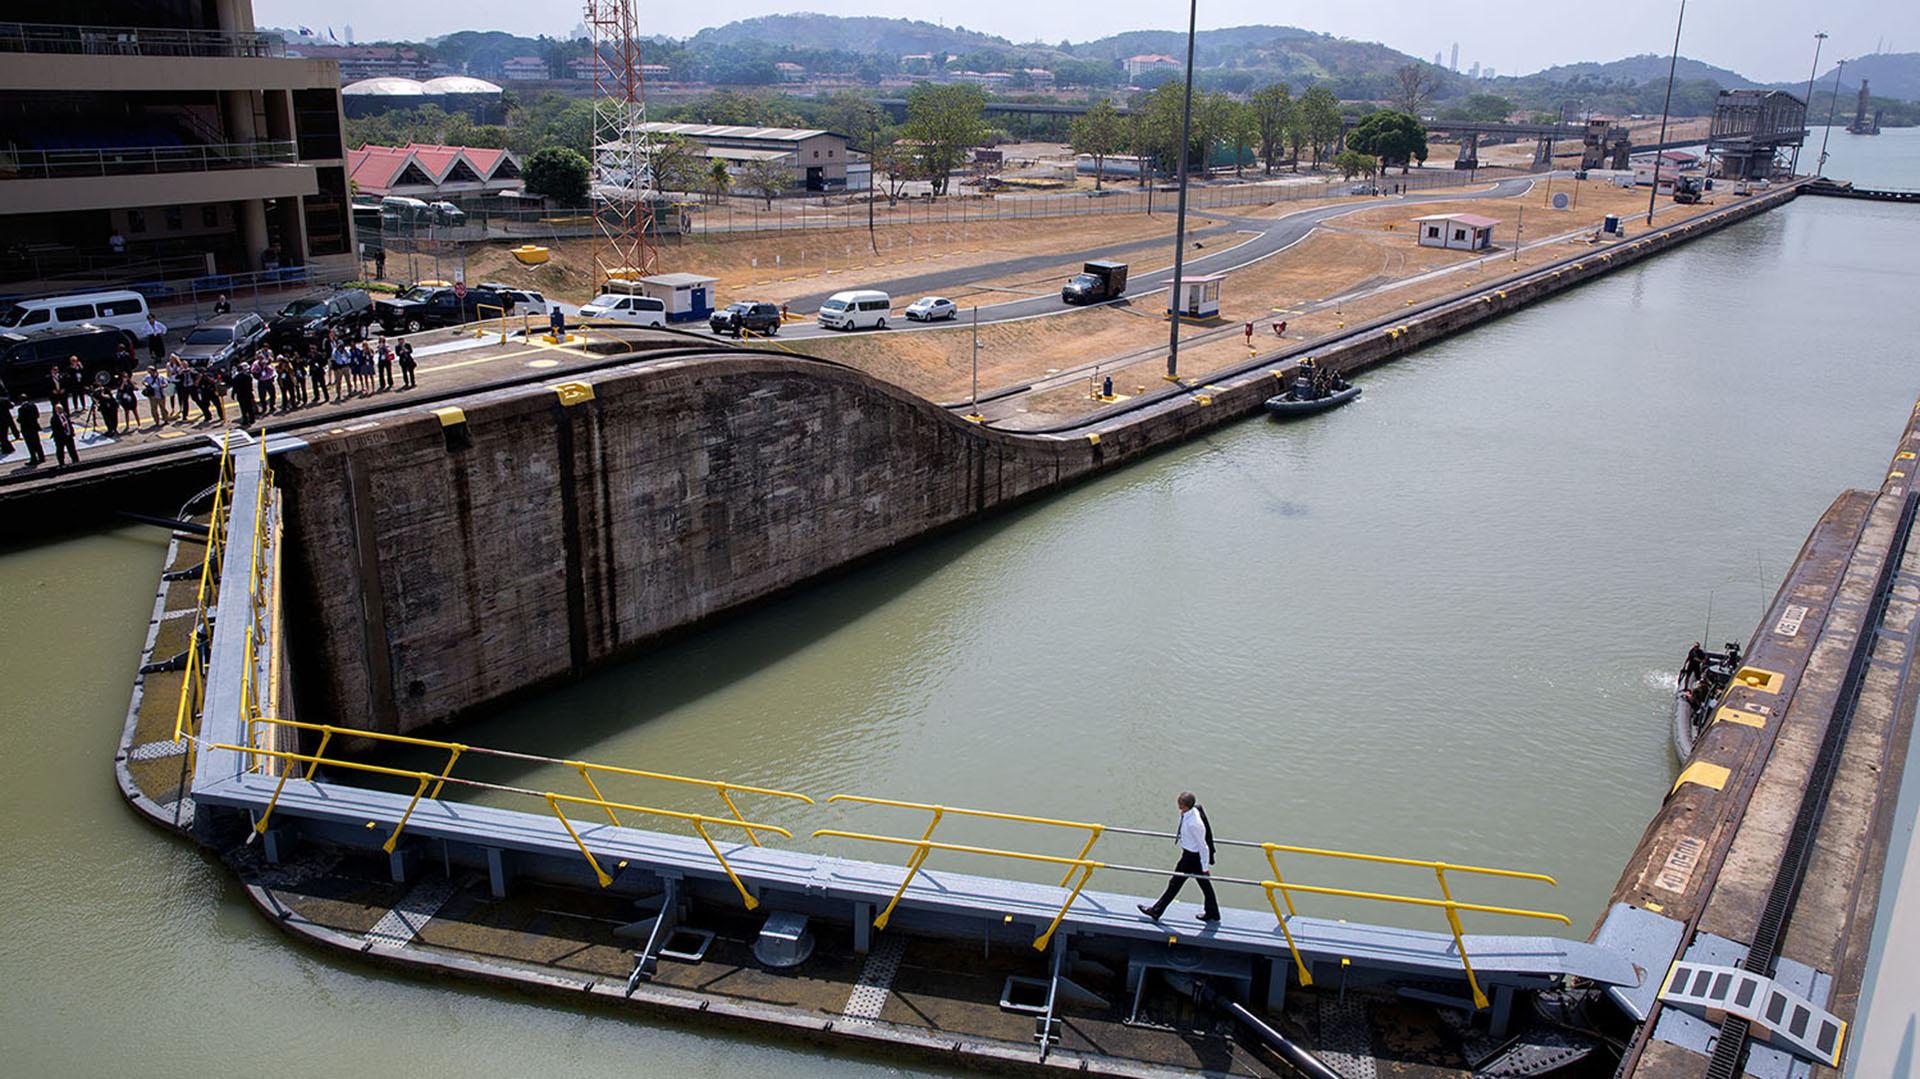 Visita a la torre de control del Canal de Panamá, 10 de abril de 2015(Official White House Photo by Pete Souza)